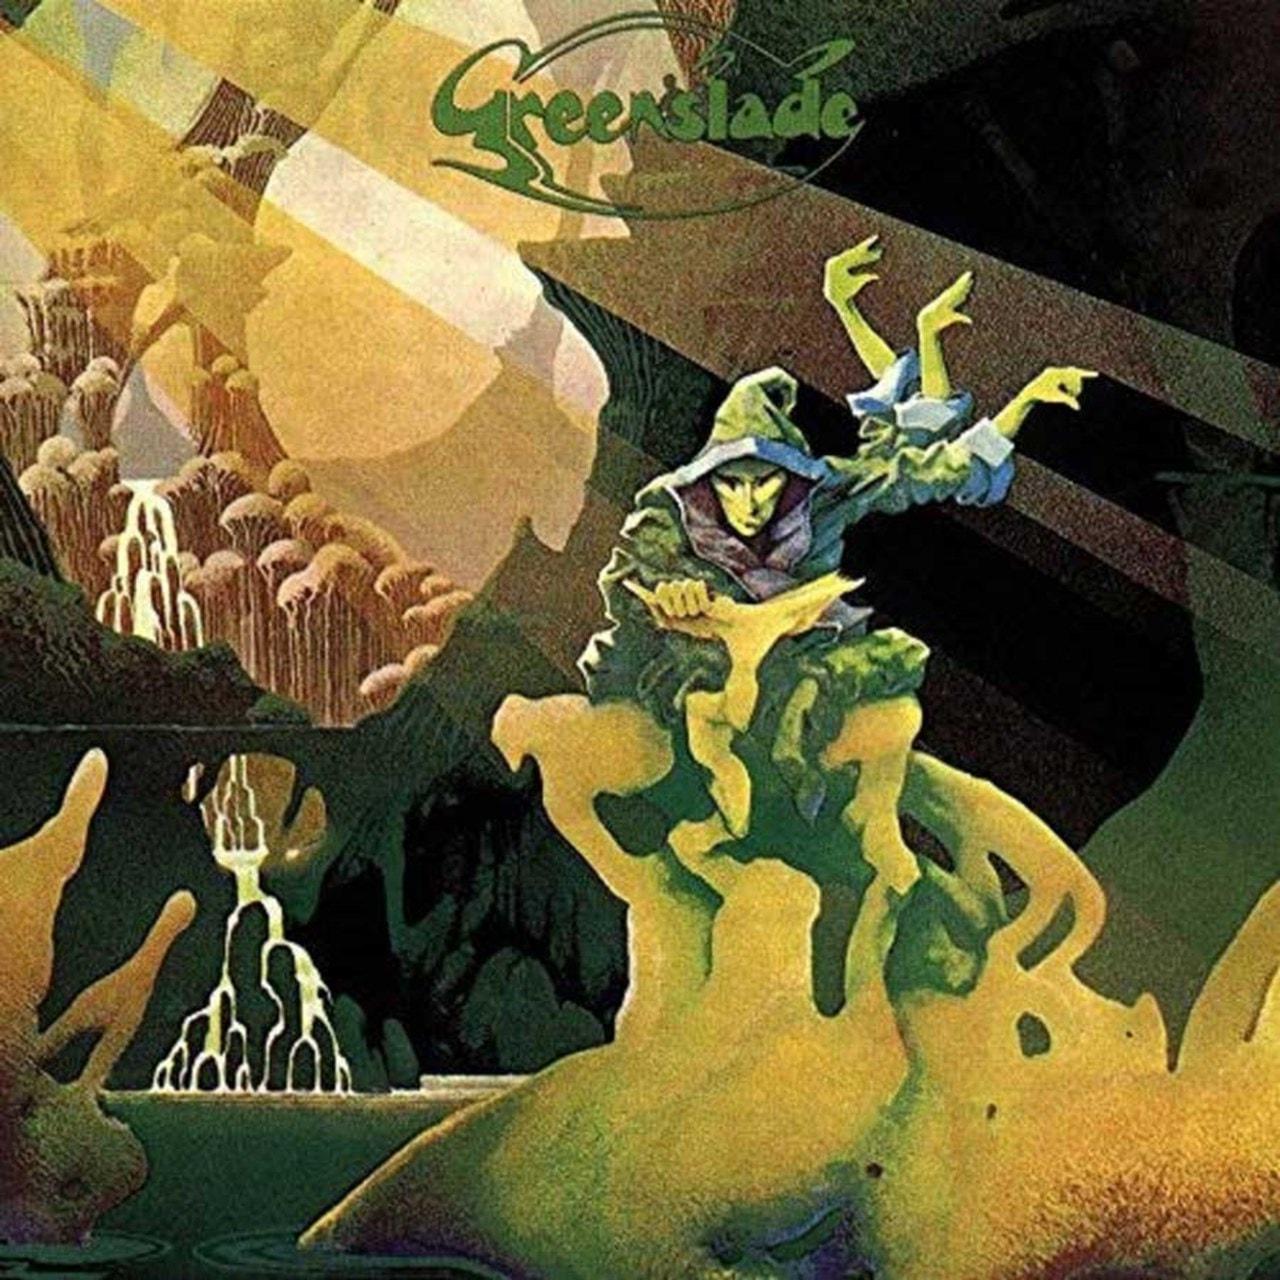 Greenslade: Expanded & Remastered - 1